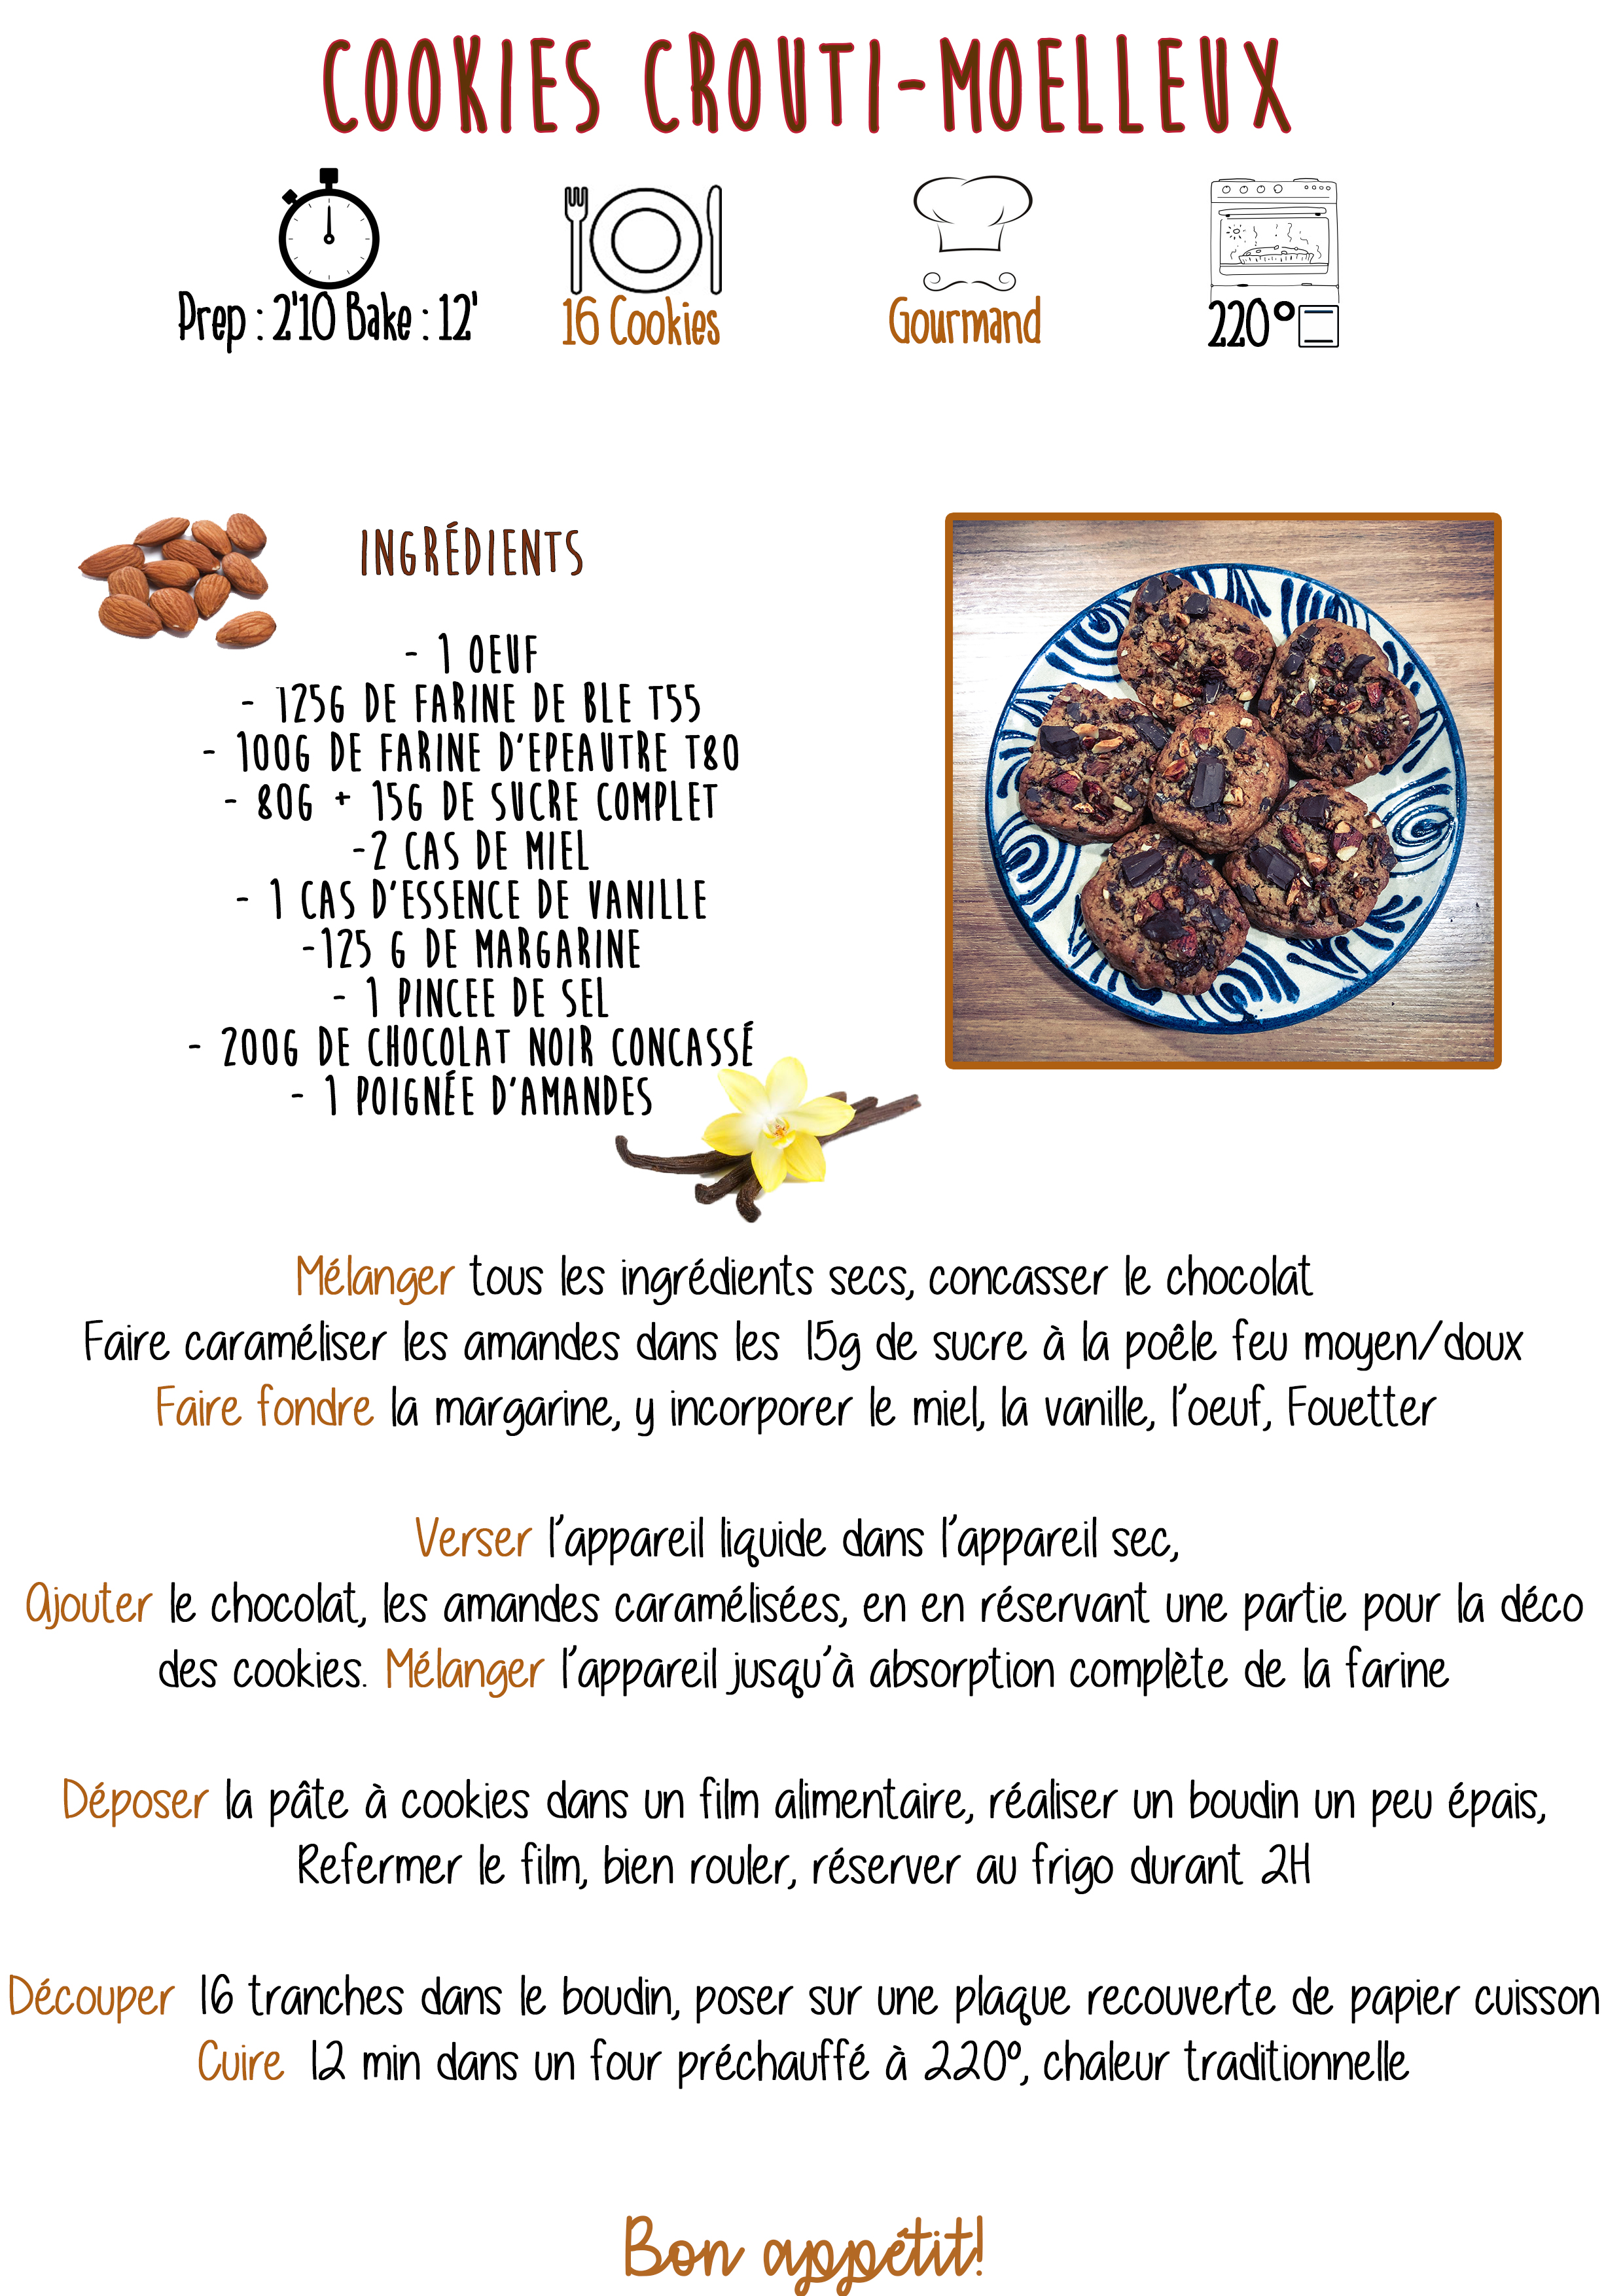 Cookies crousti-moelleux